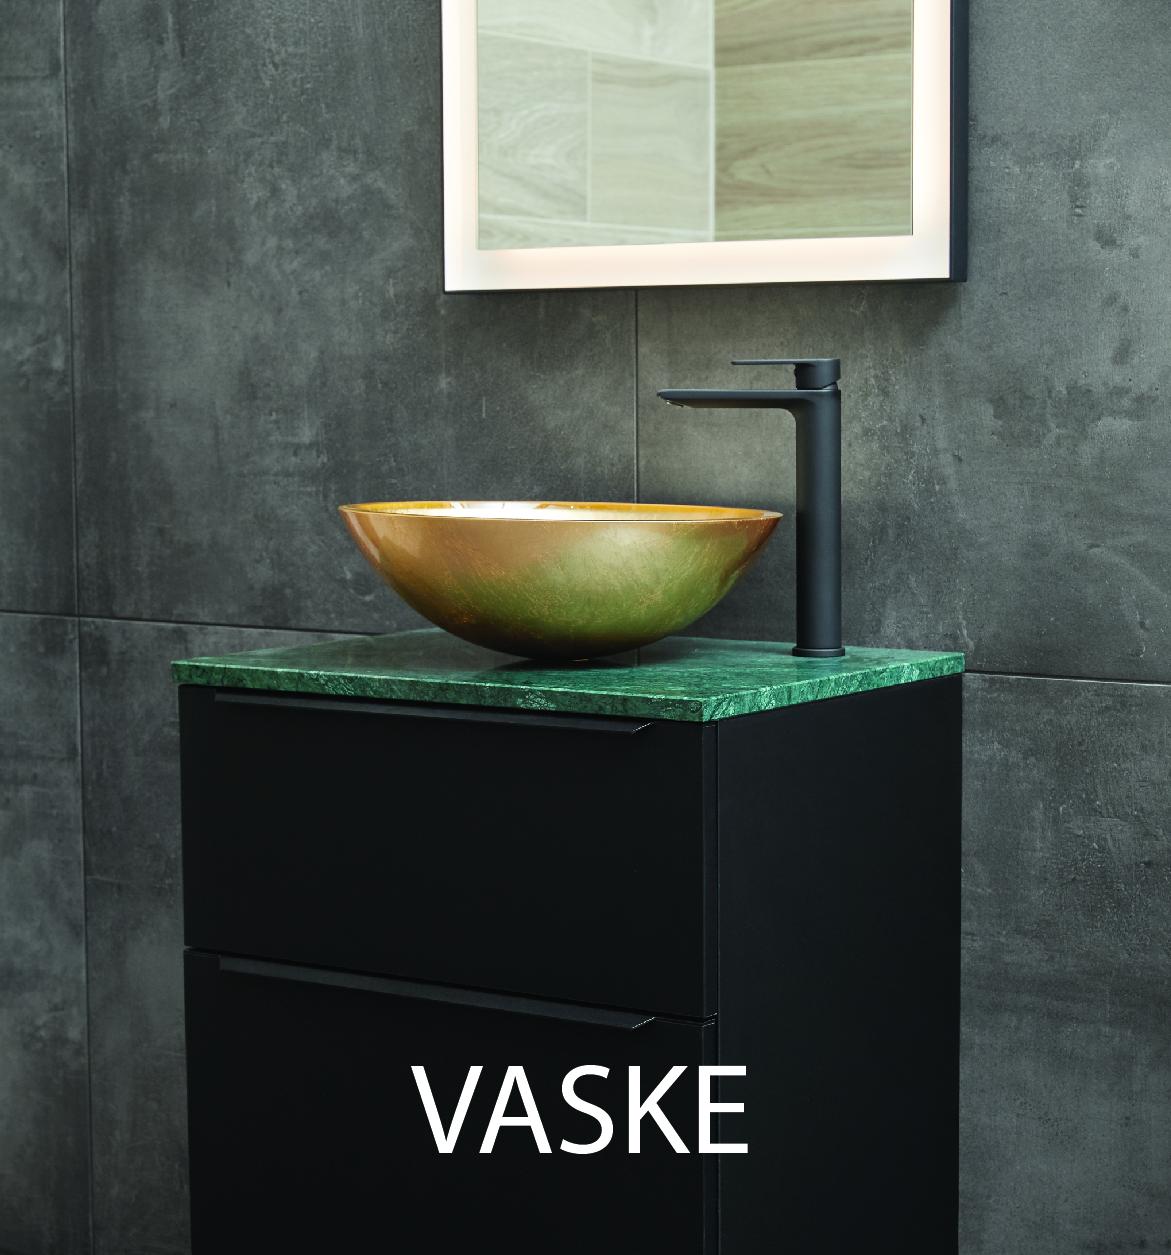 Kategorier_-_Forside_-_Id_g_rden_Living_-_Vaske_-_281x301_pixels-01